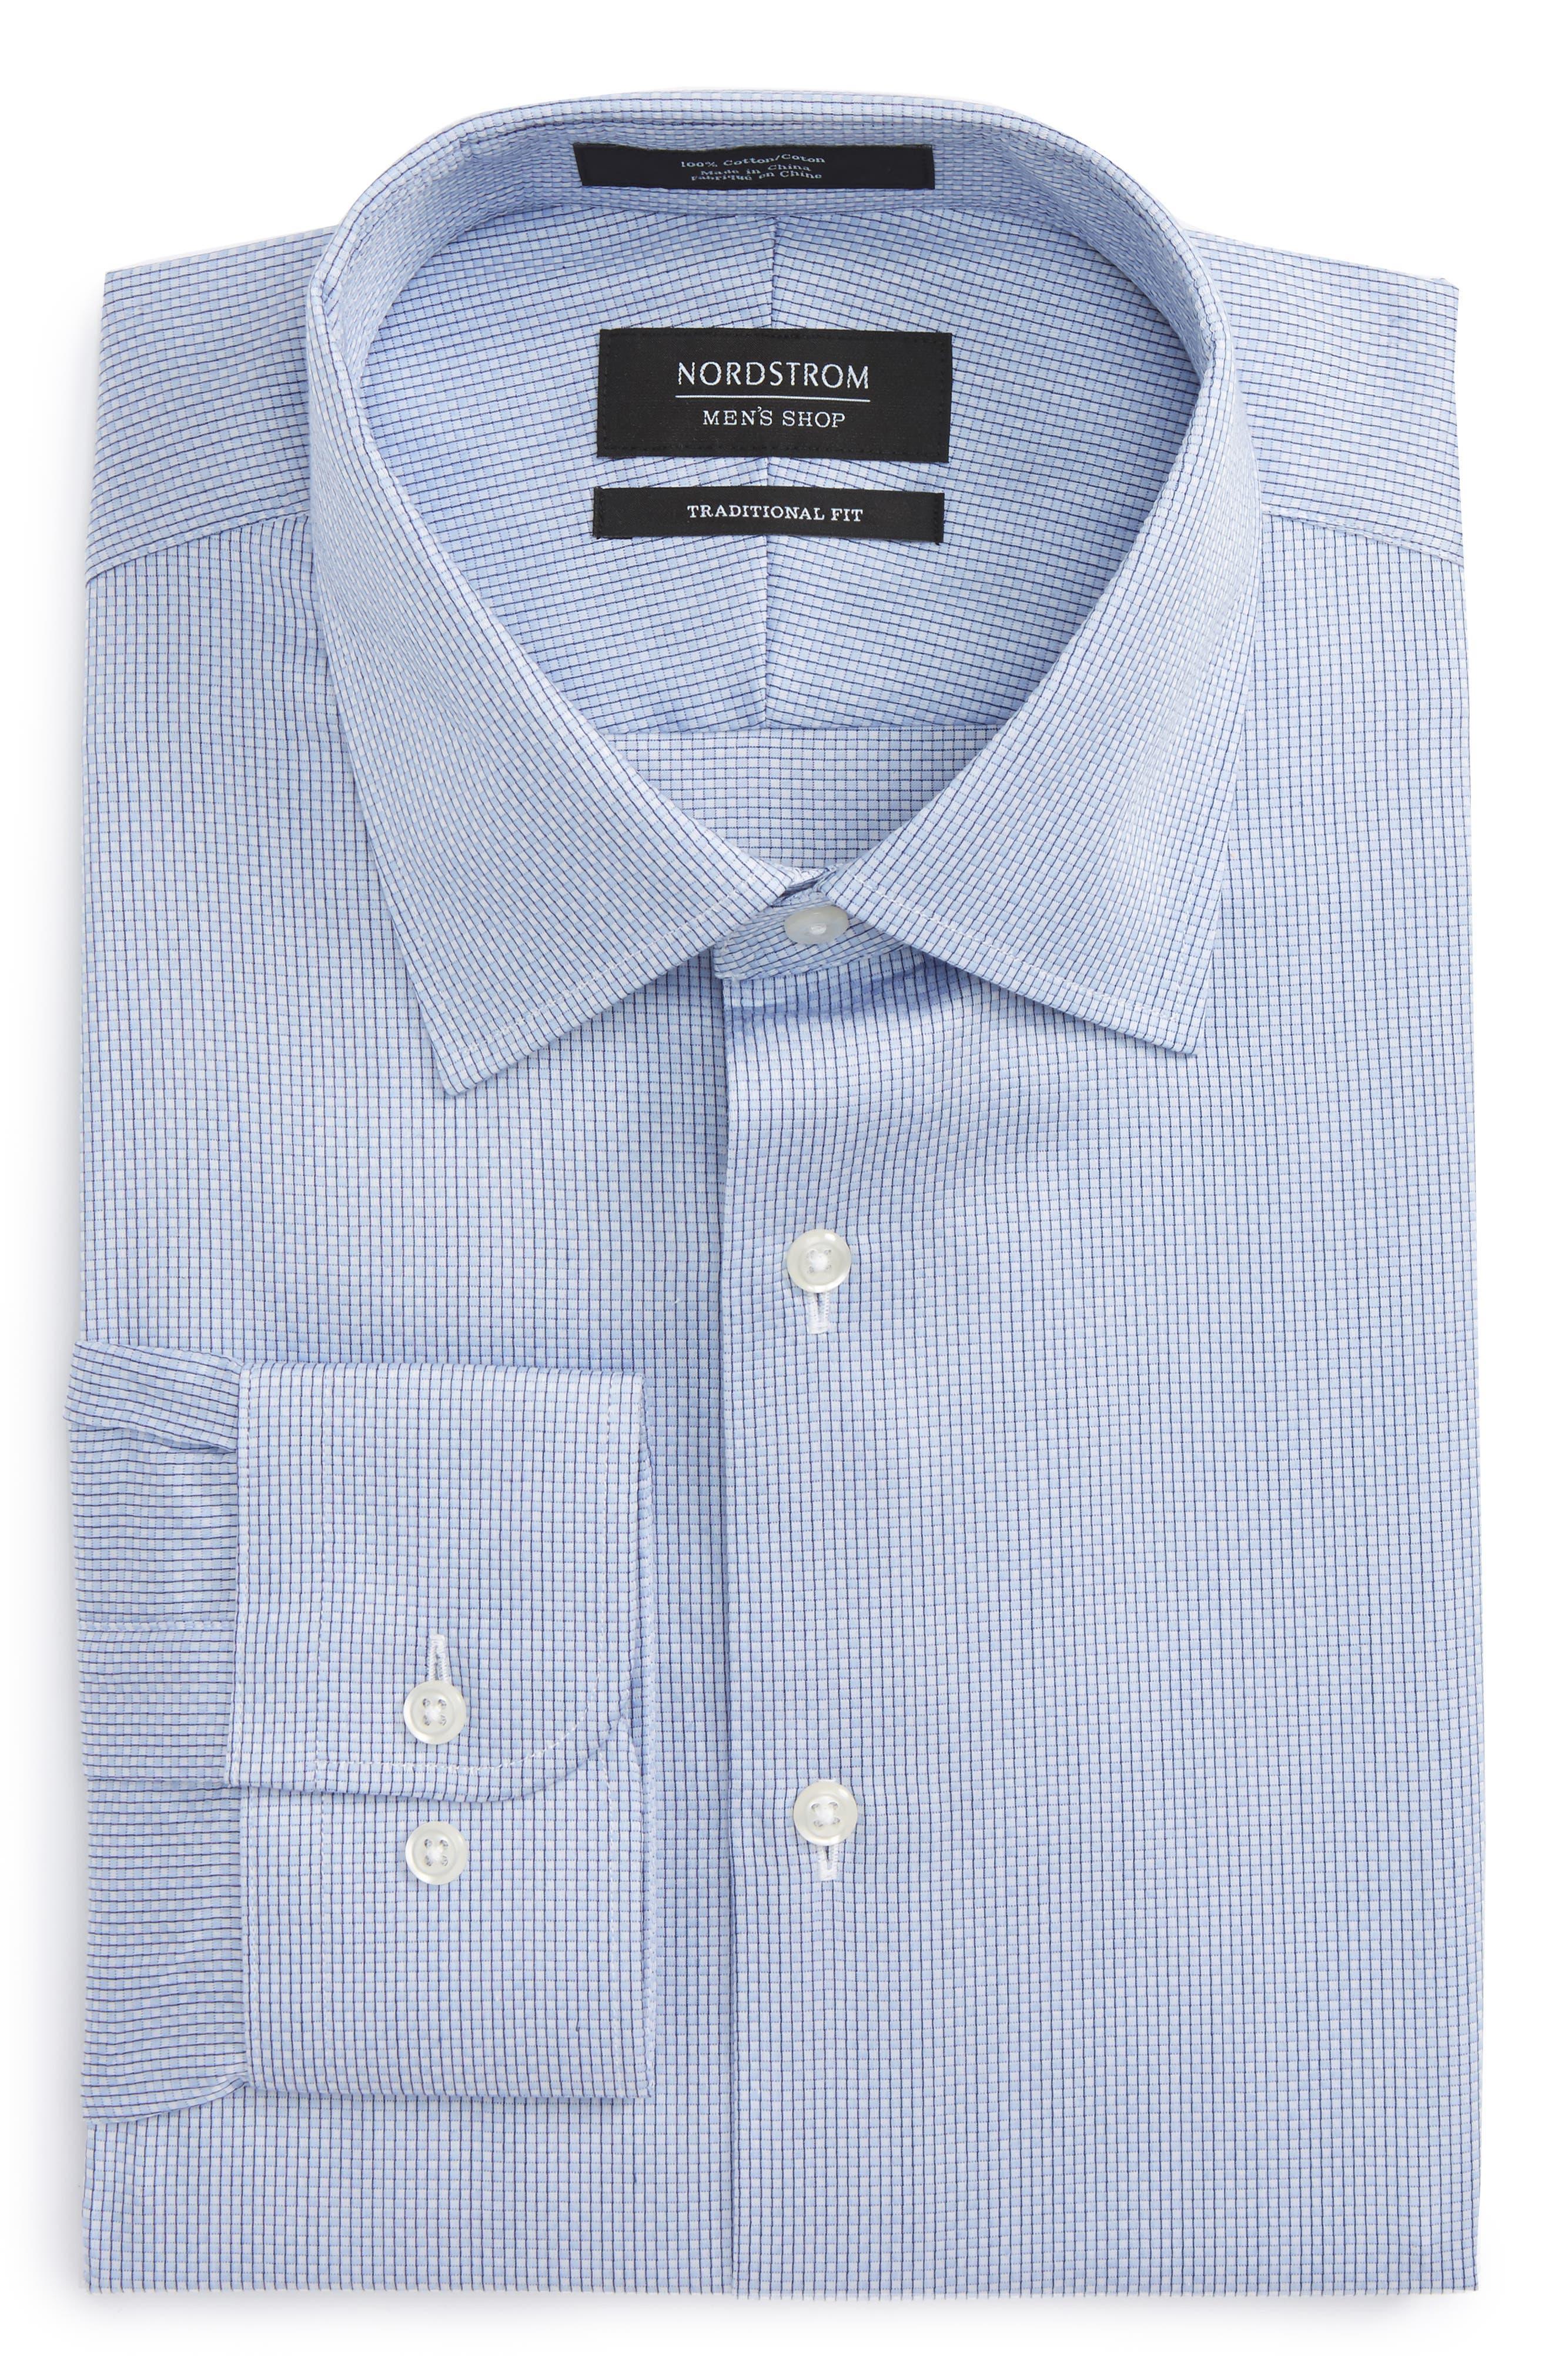 Nordstrom Men's Shop Traditional Fit Stripe Dress Shirt